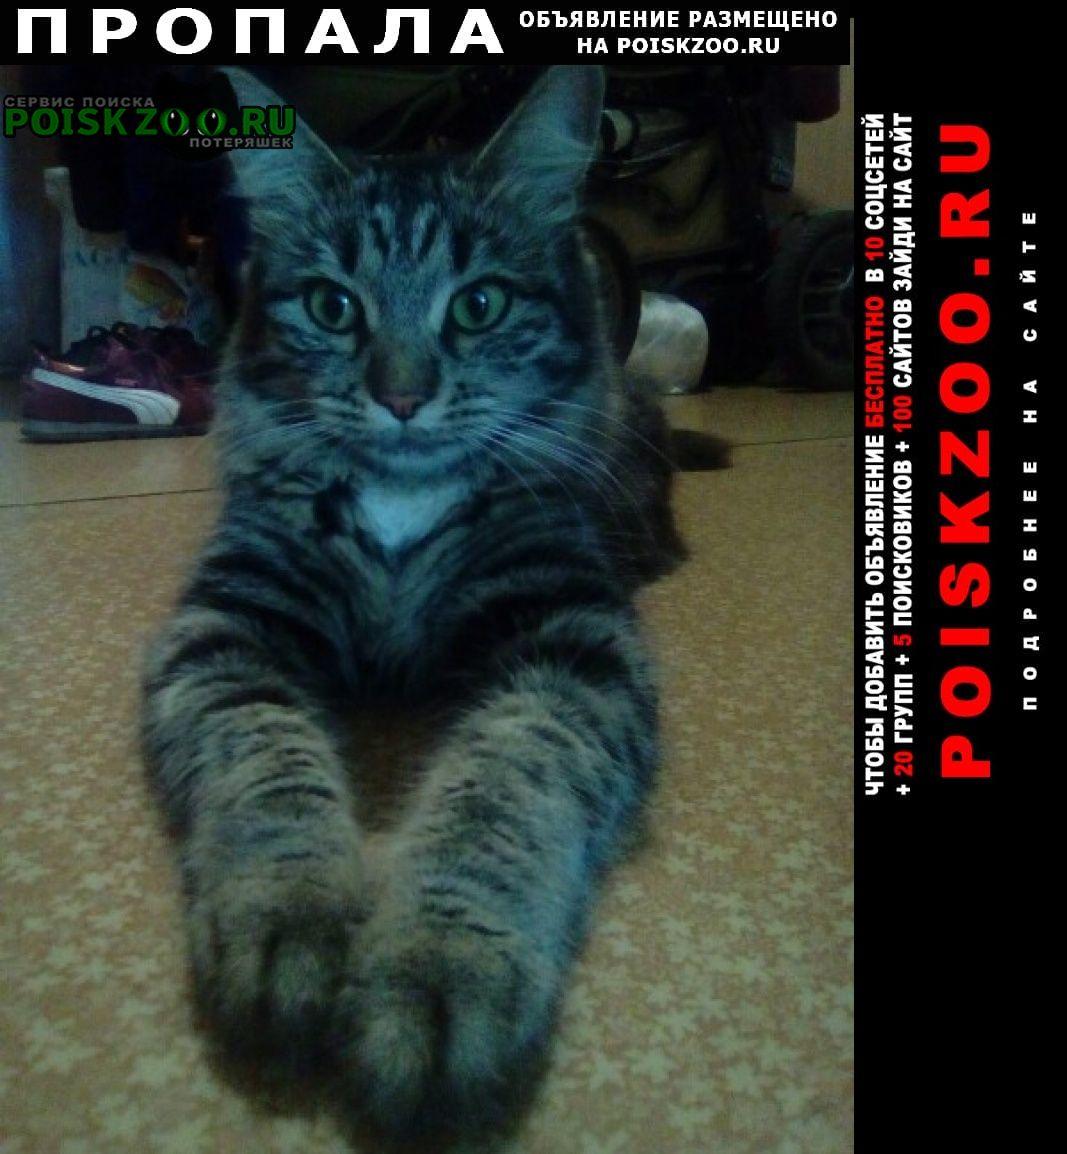 Пропала кошка 30 июня республиканская ул Нижний Новгород